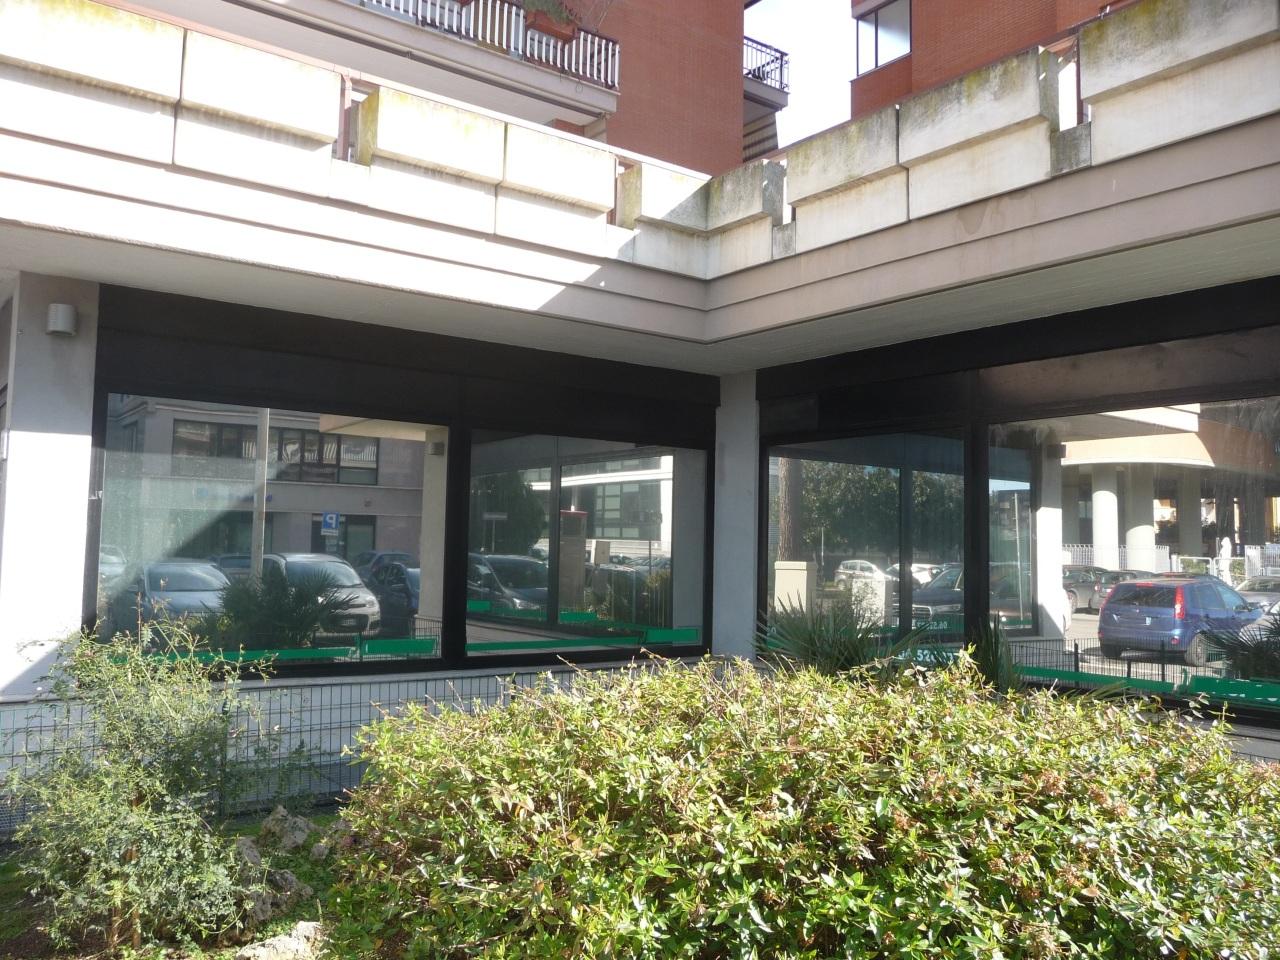 Locale commerciale - 1 Vetrina a Roma Rif. 9505747